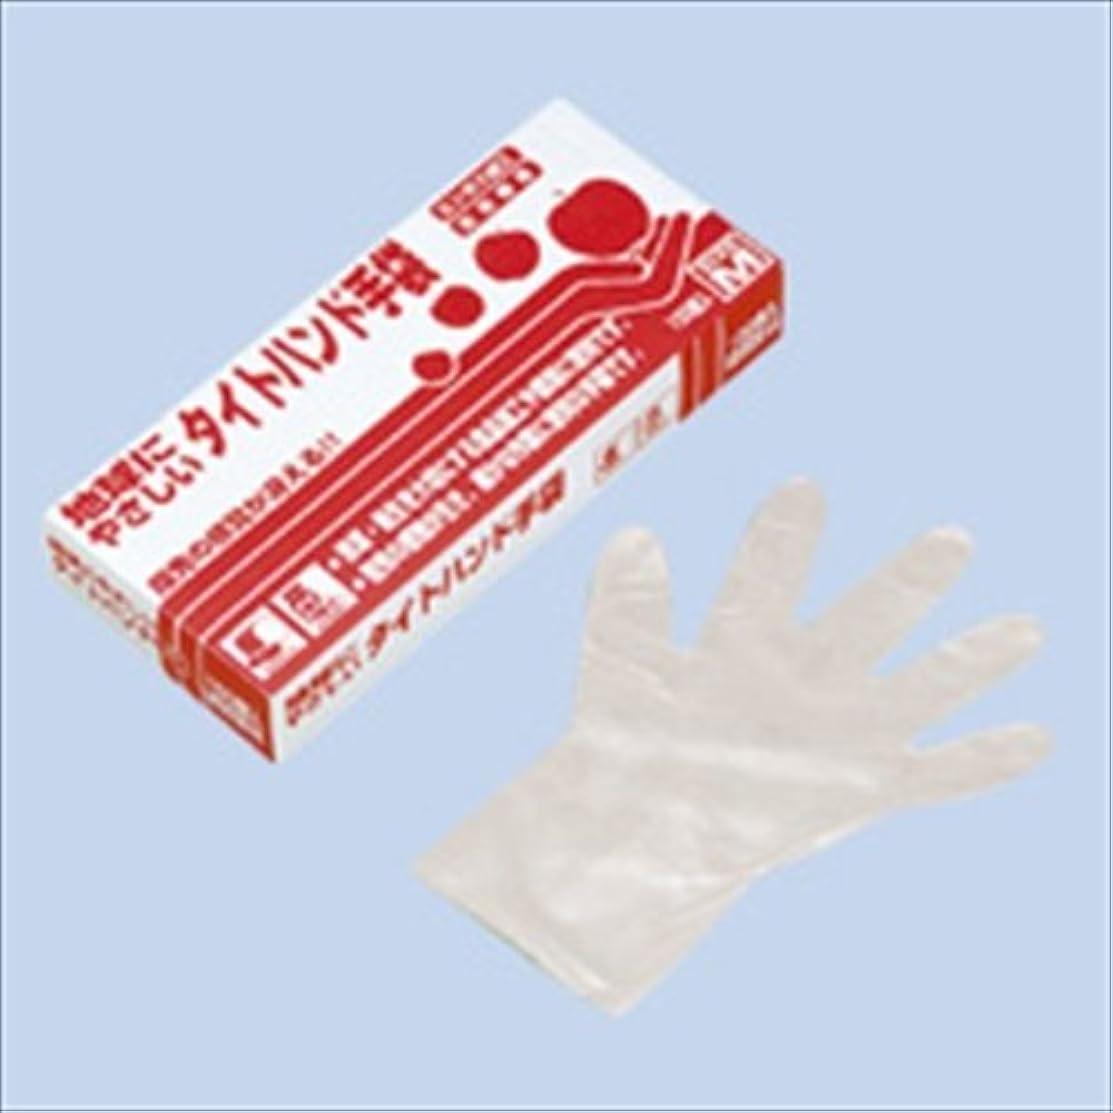 運命的な細胞ピッチシンガータイトハンド手袋 箱入(100枚入)L クリア 49μ